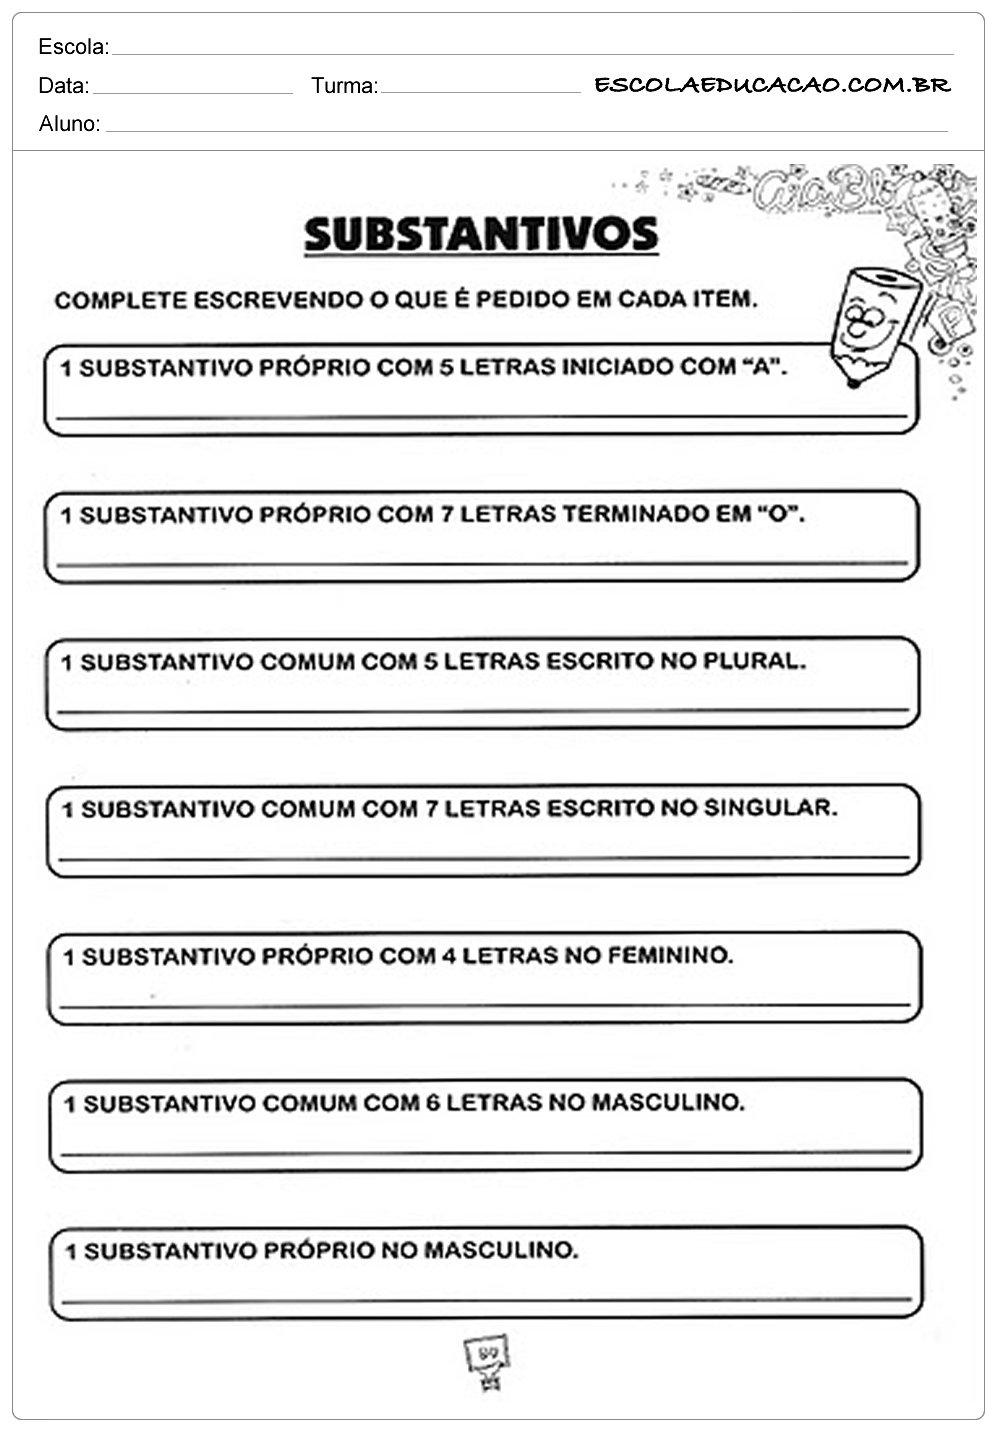 Atividades com Substantivos – Complete Escrevendo